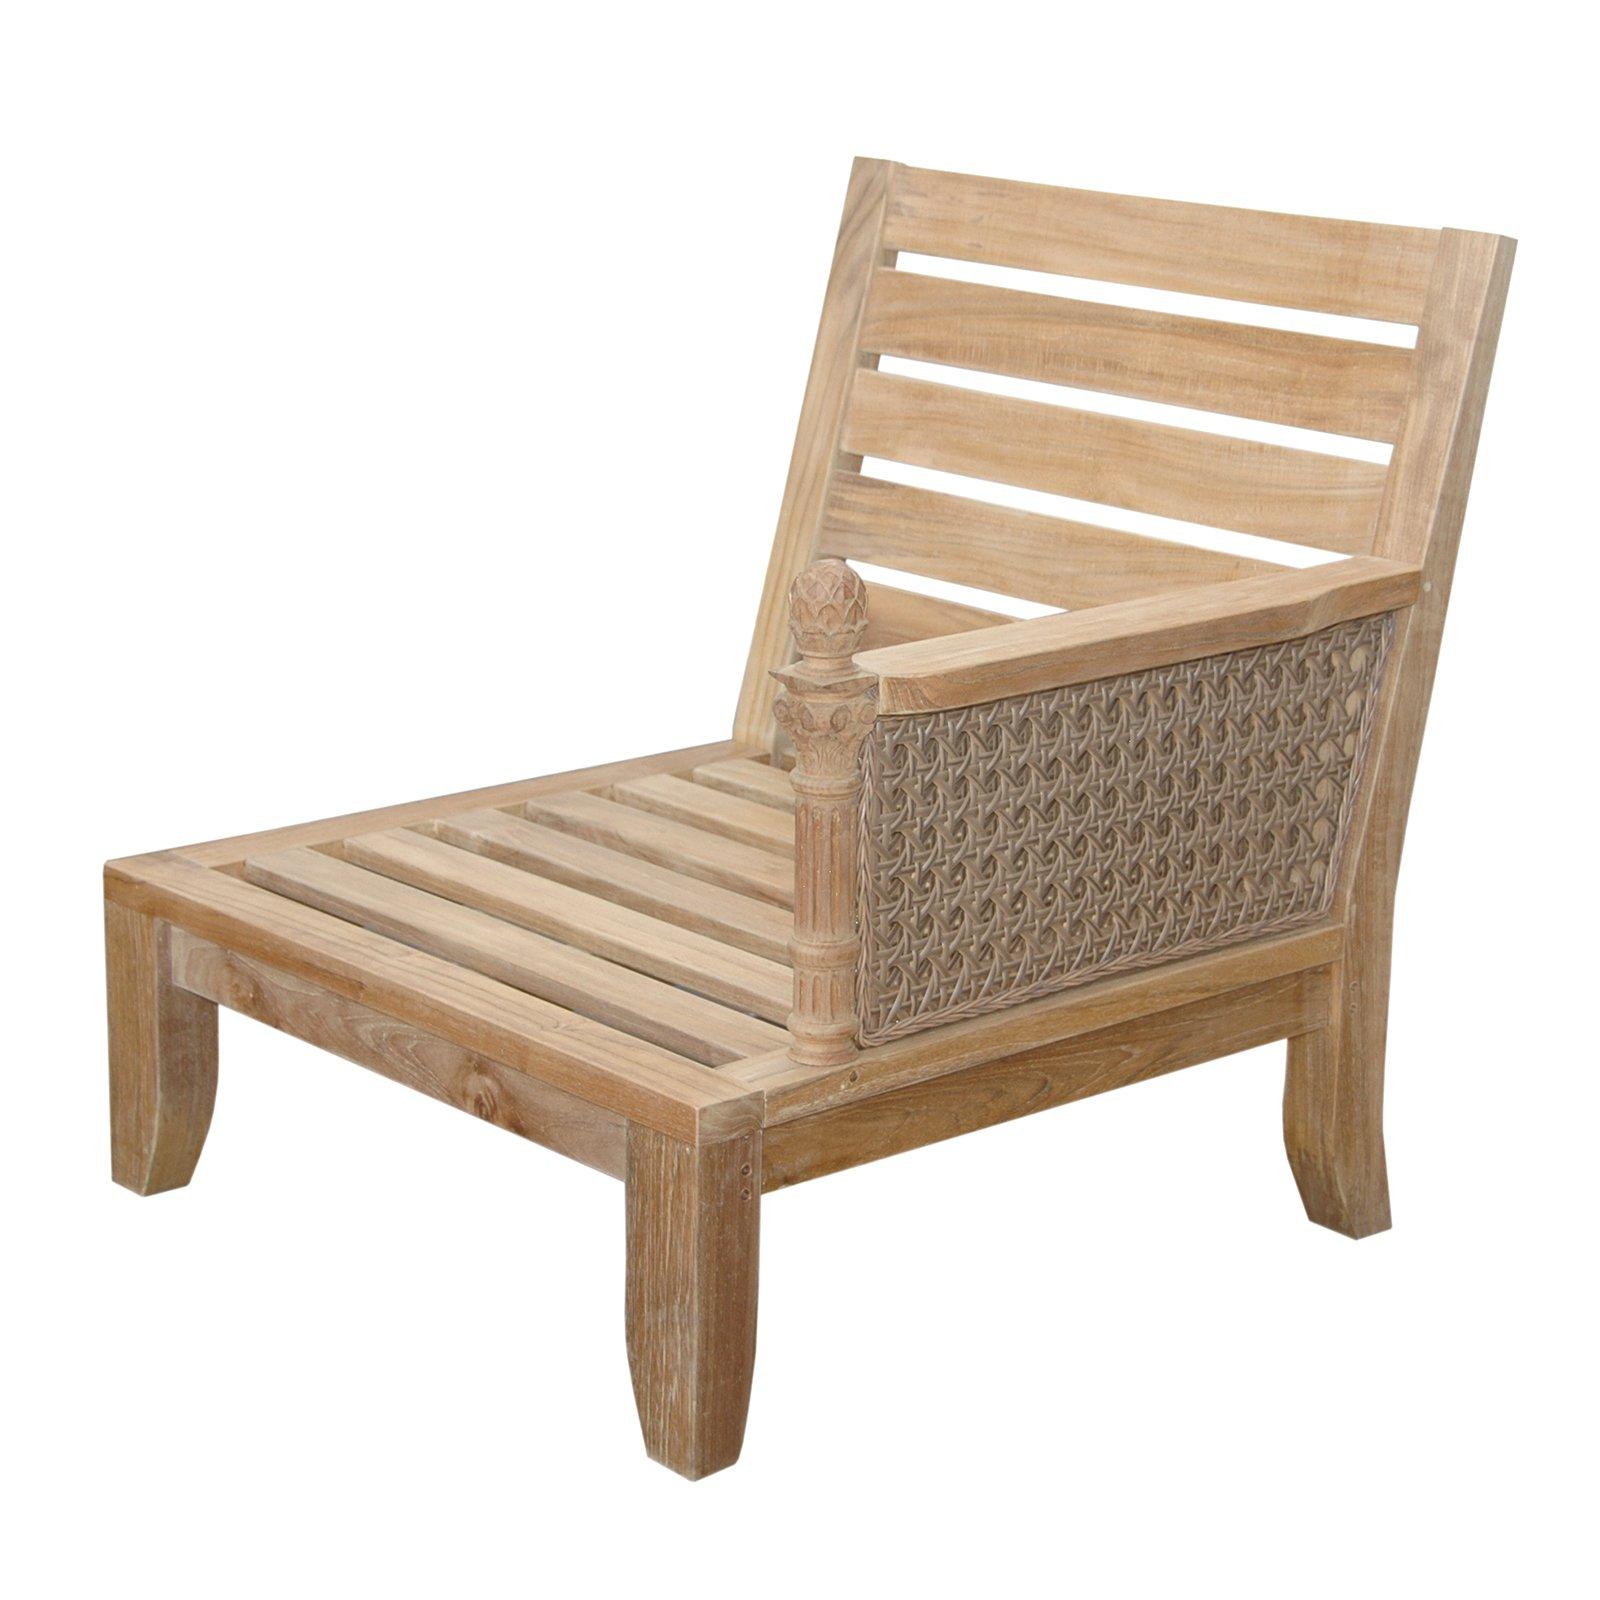 Anderson Teak Luxe Left Facing Outdoor Modular Chair